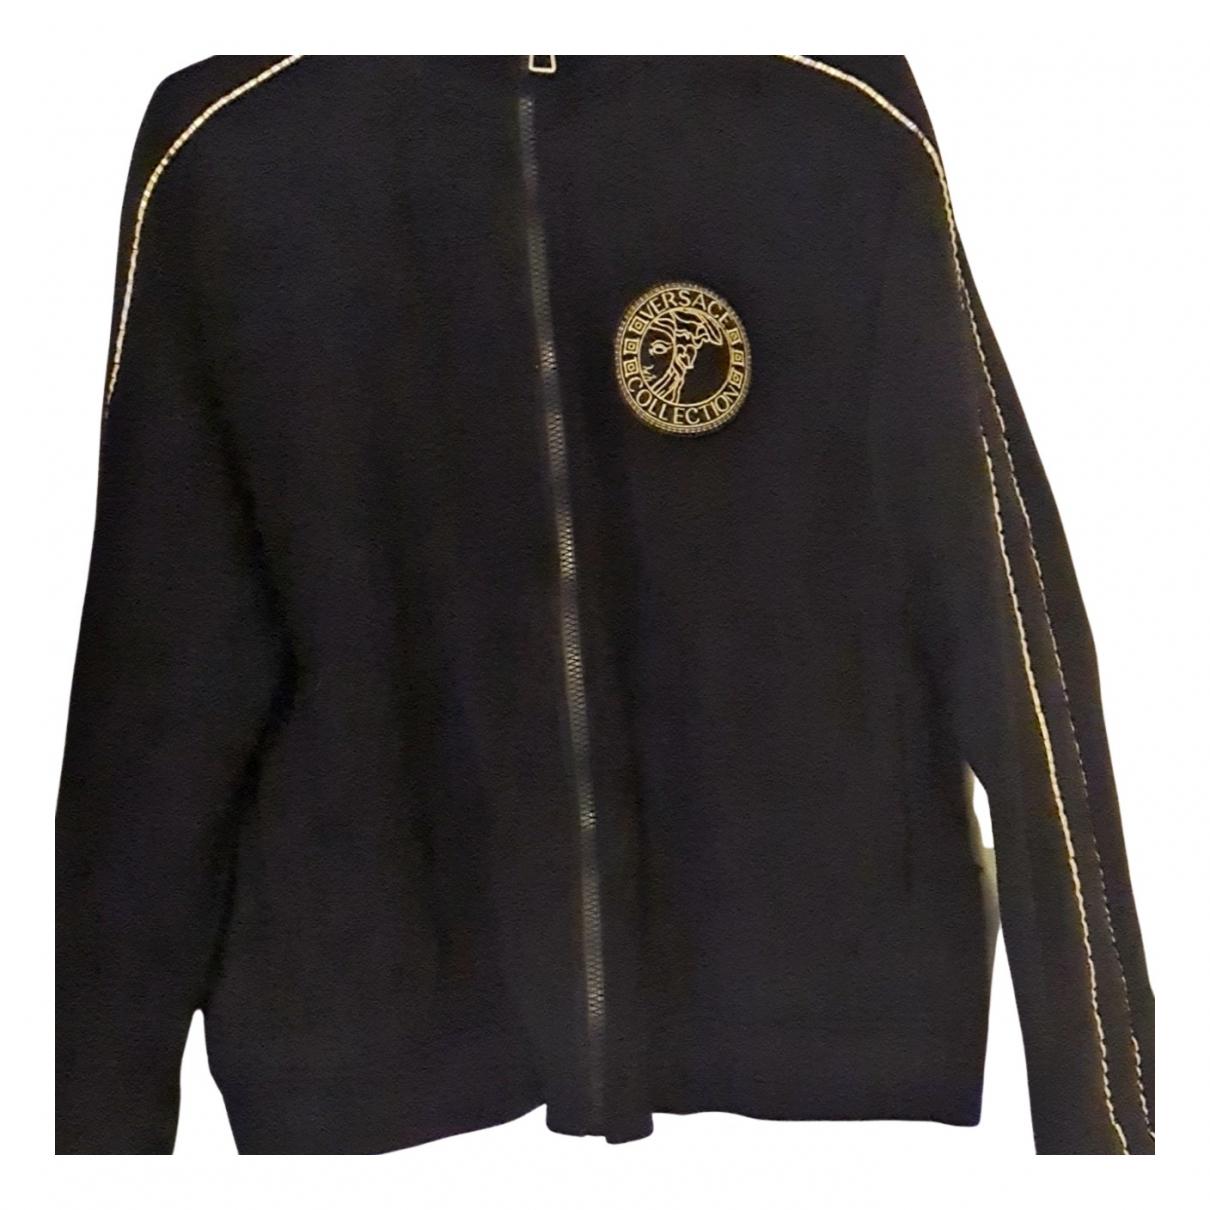 Versace - Pulls.Gilets.Sweats   pour homme - noir